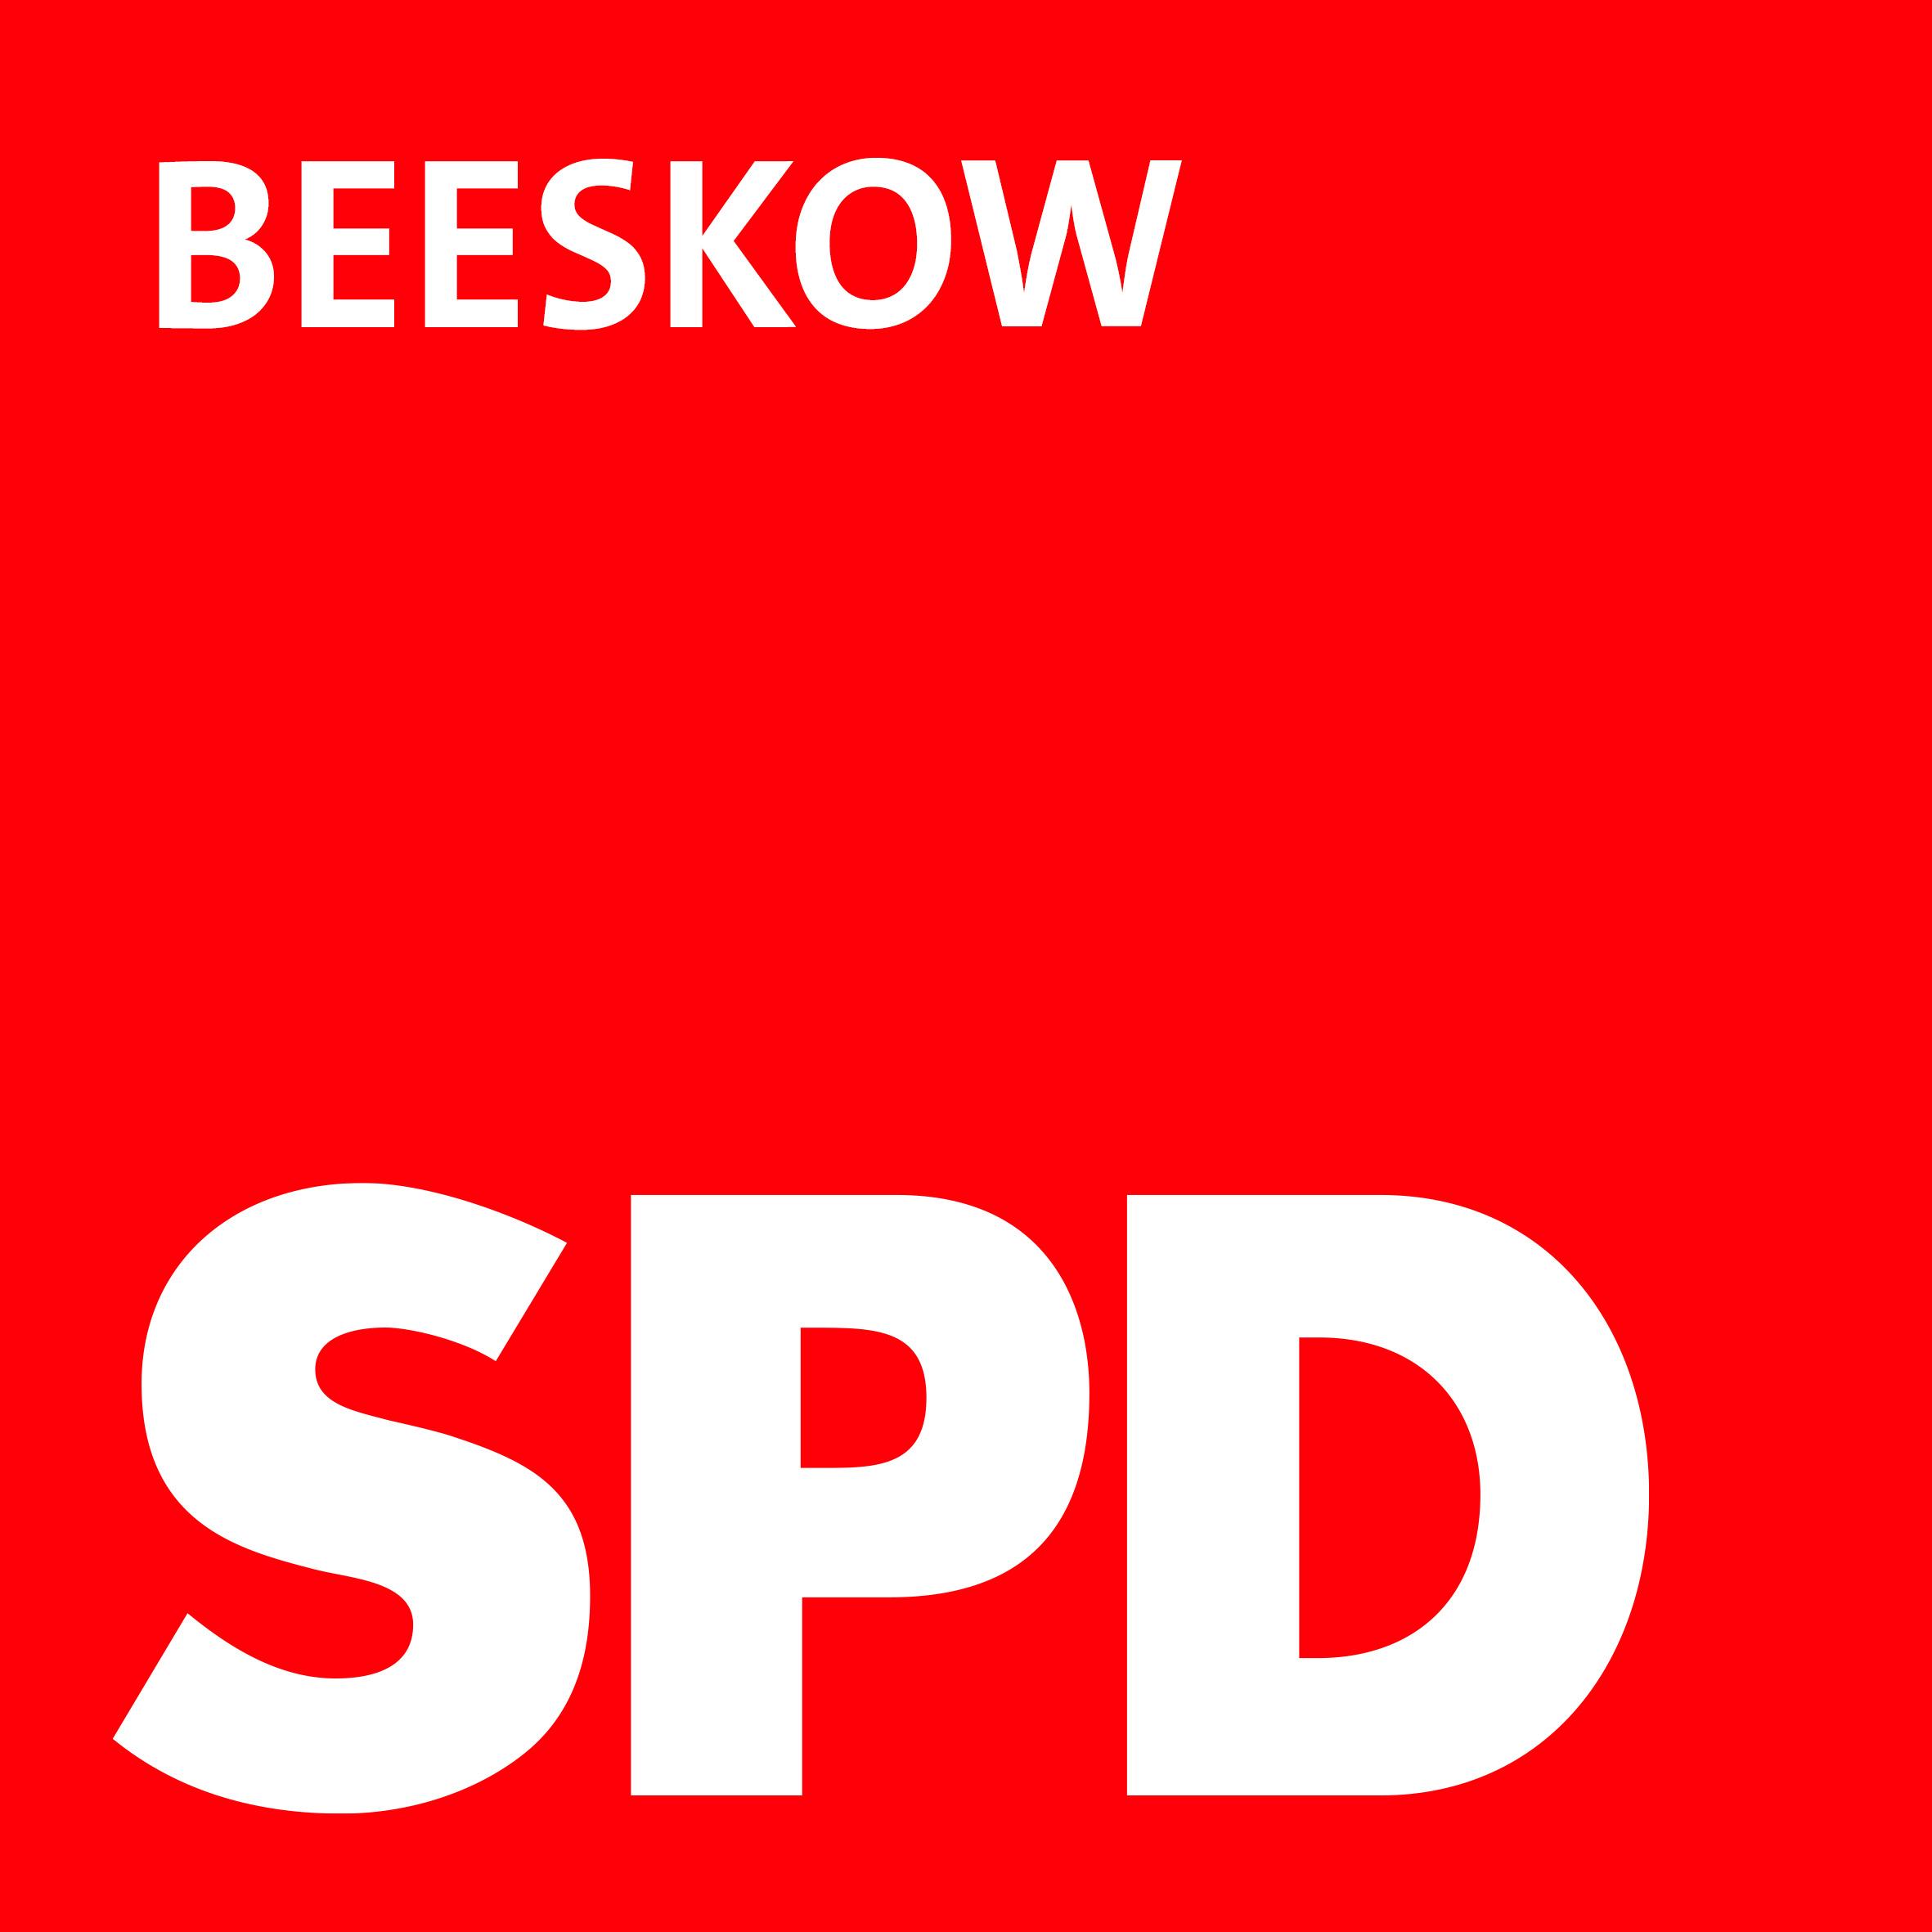 SPD Beeskow